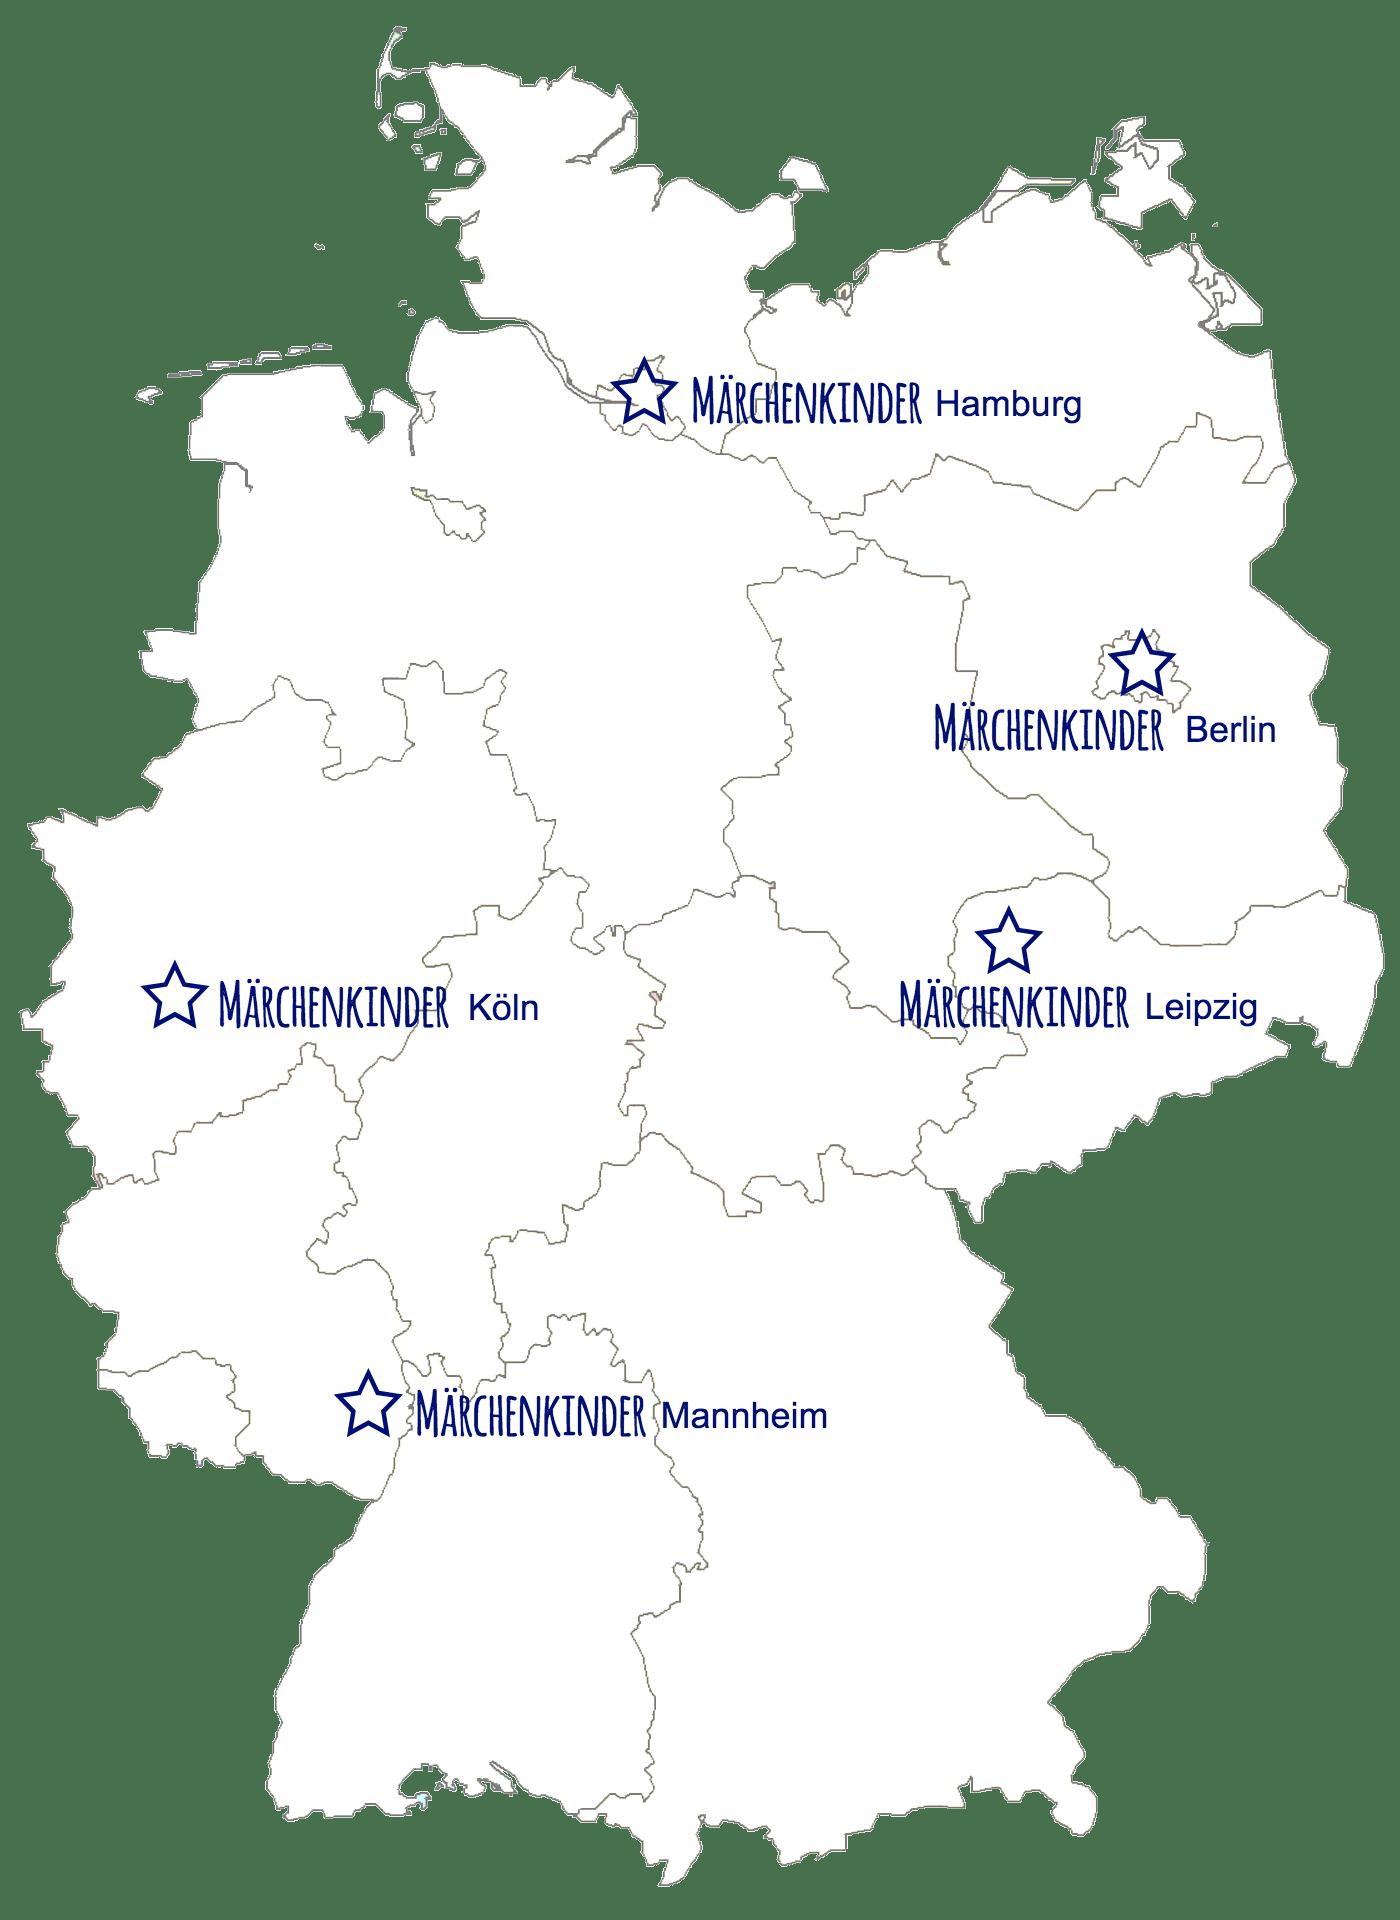 Märchenkinder®-Standorte